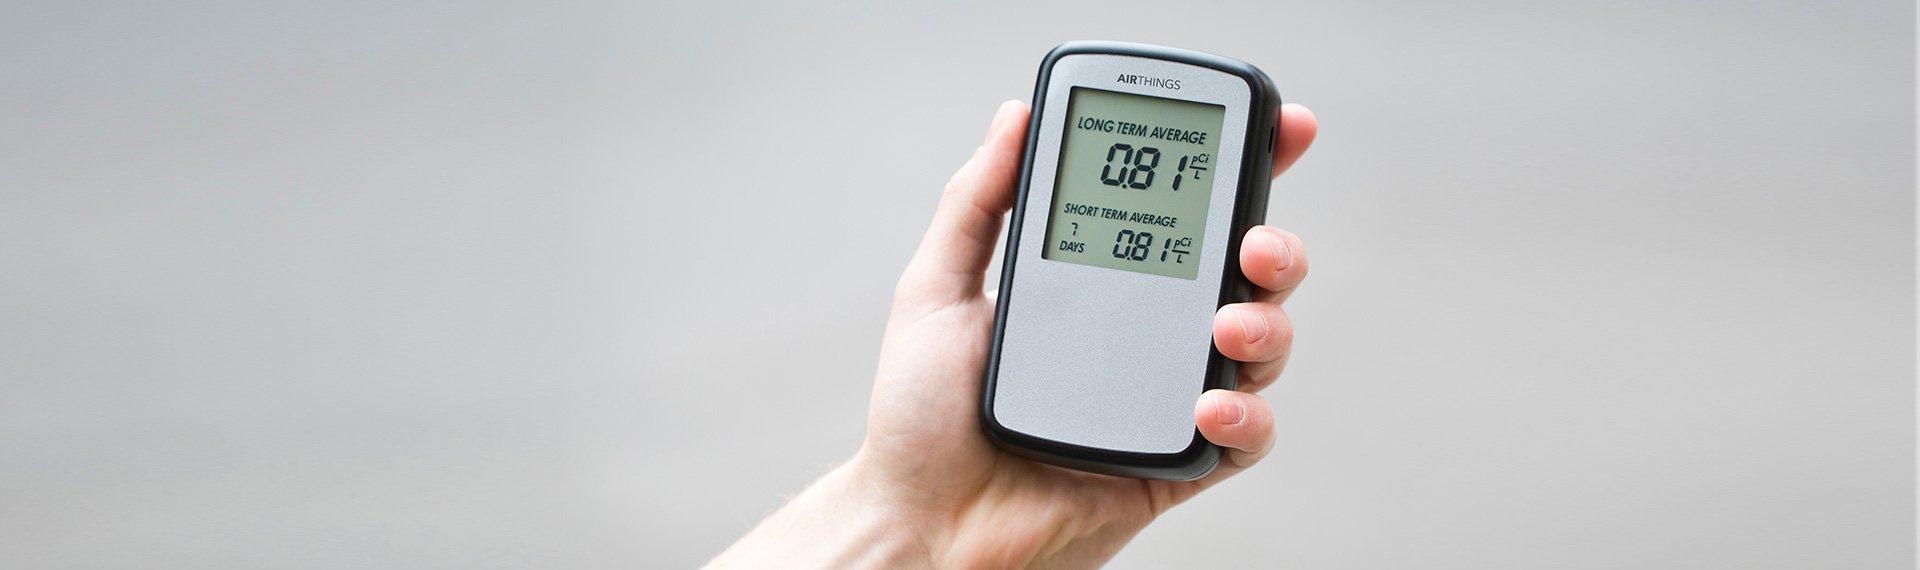 radonmaling med Corentium Home radondetektor